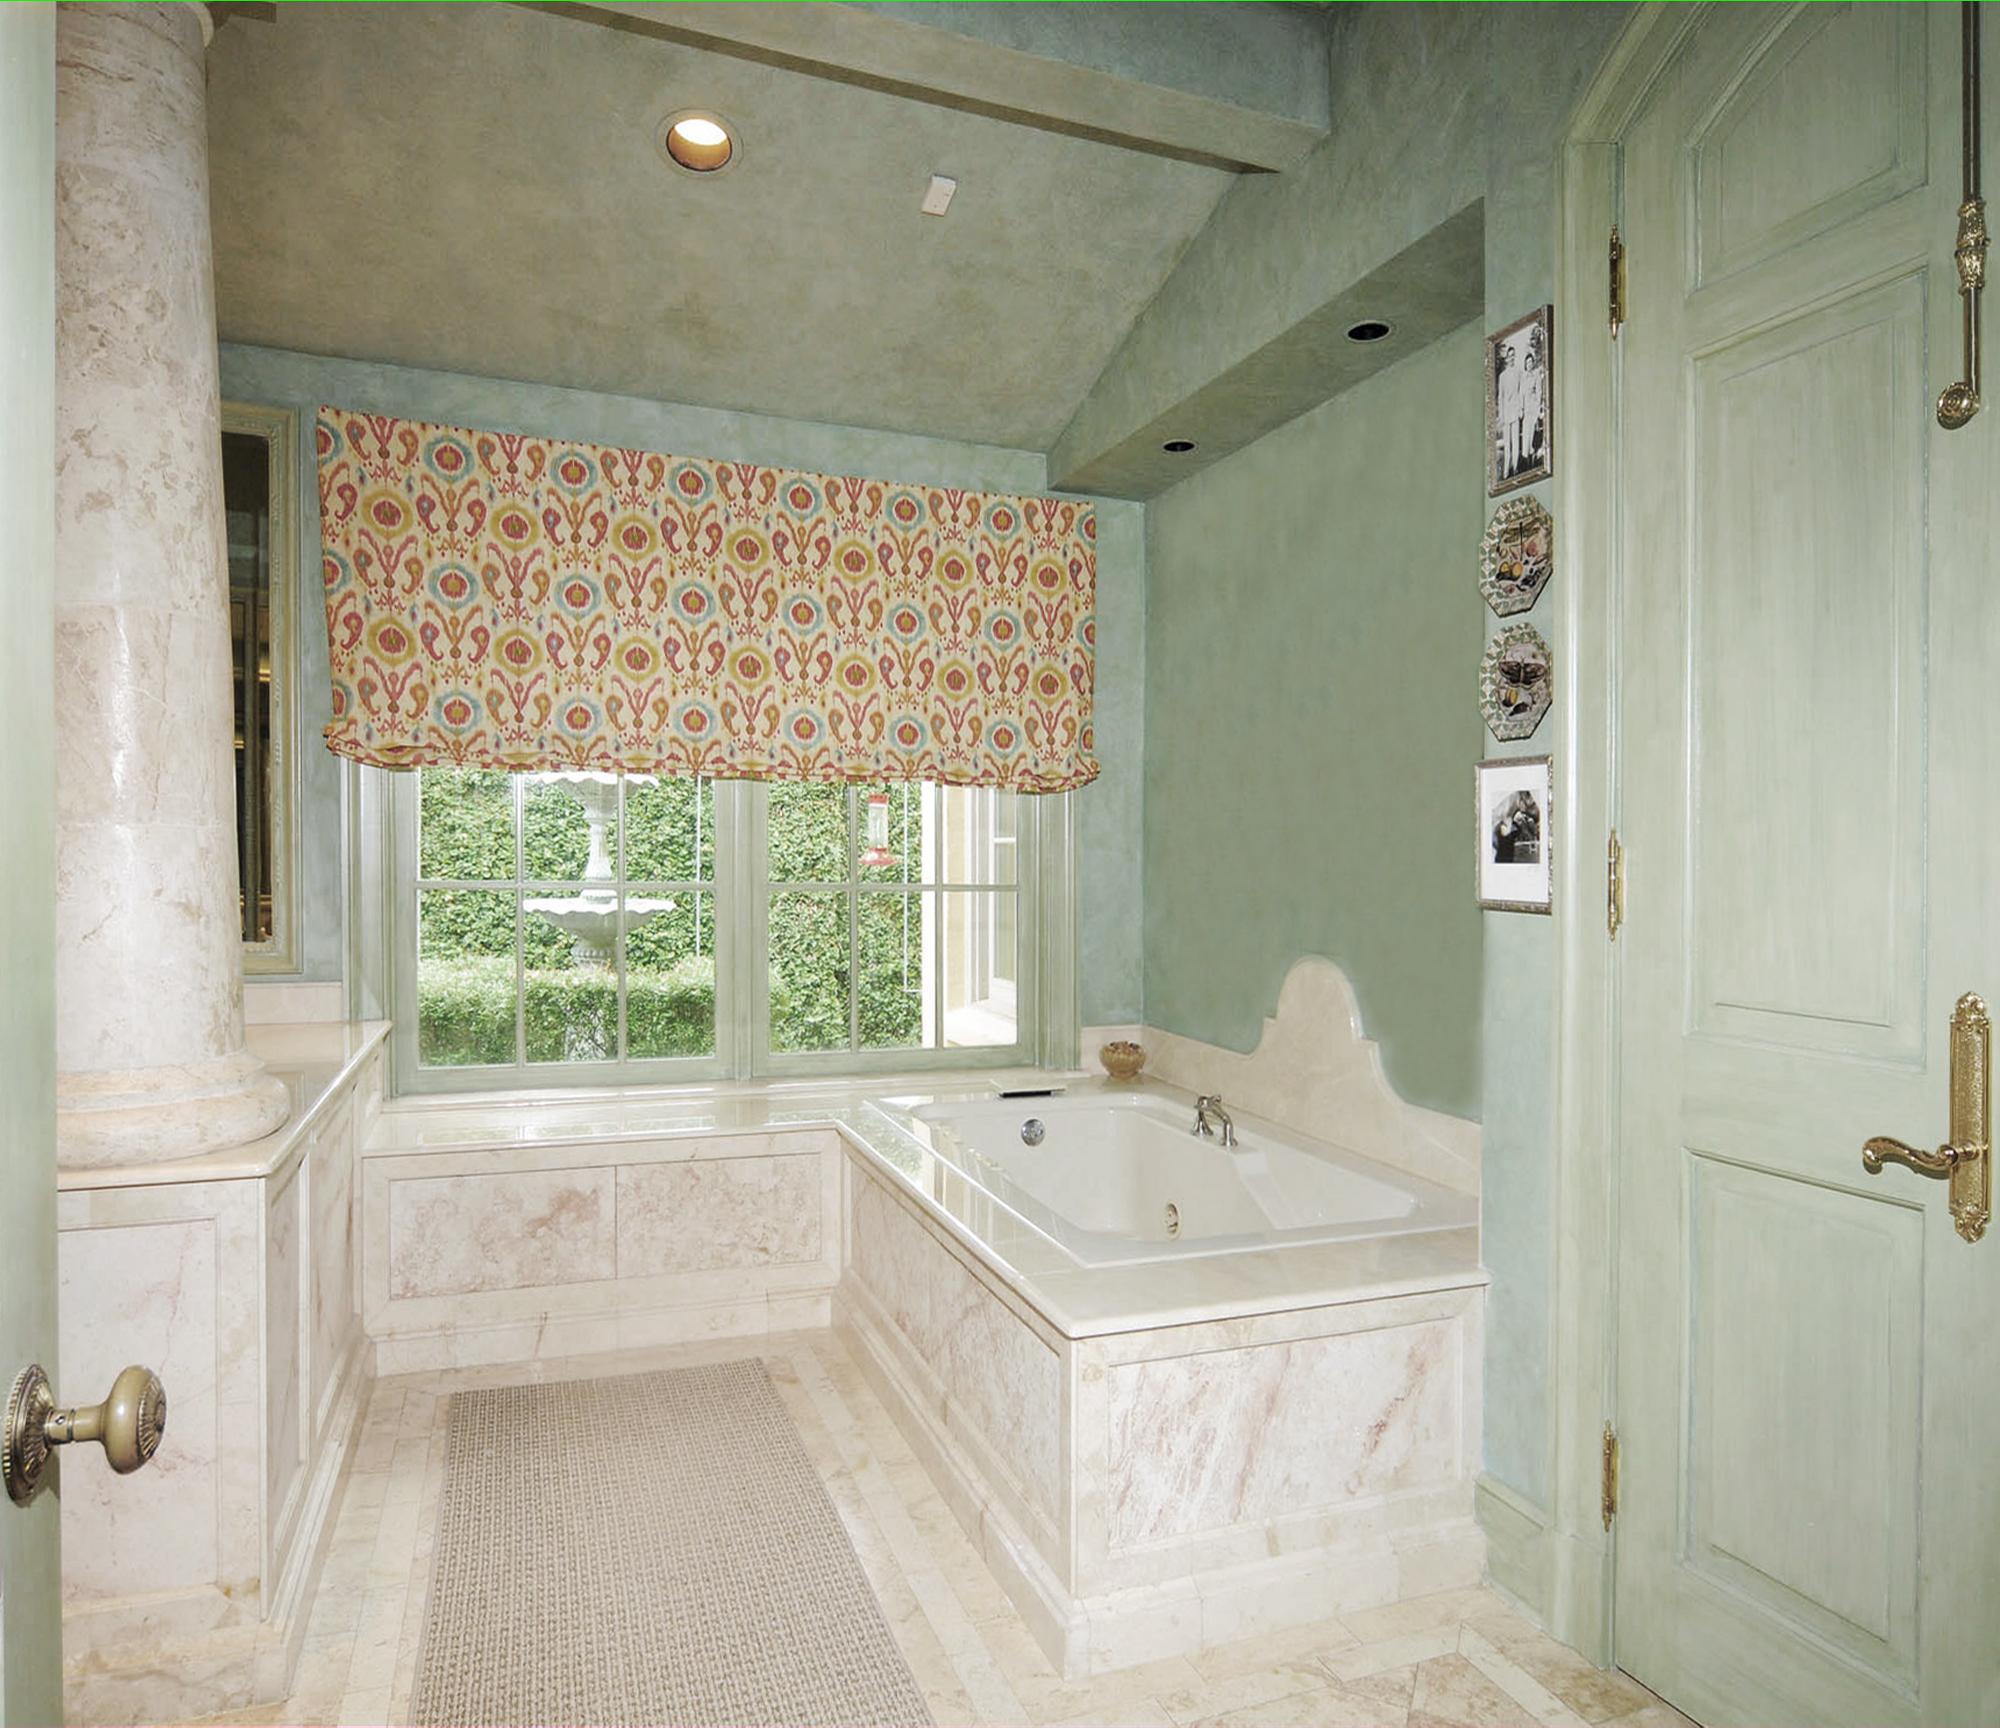 9_Tuscan_Kirtland_Bath_2000x1728_Edit024.jpg